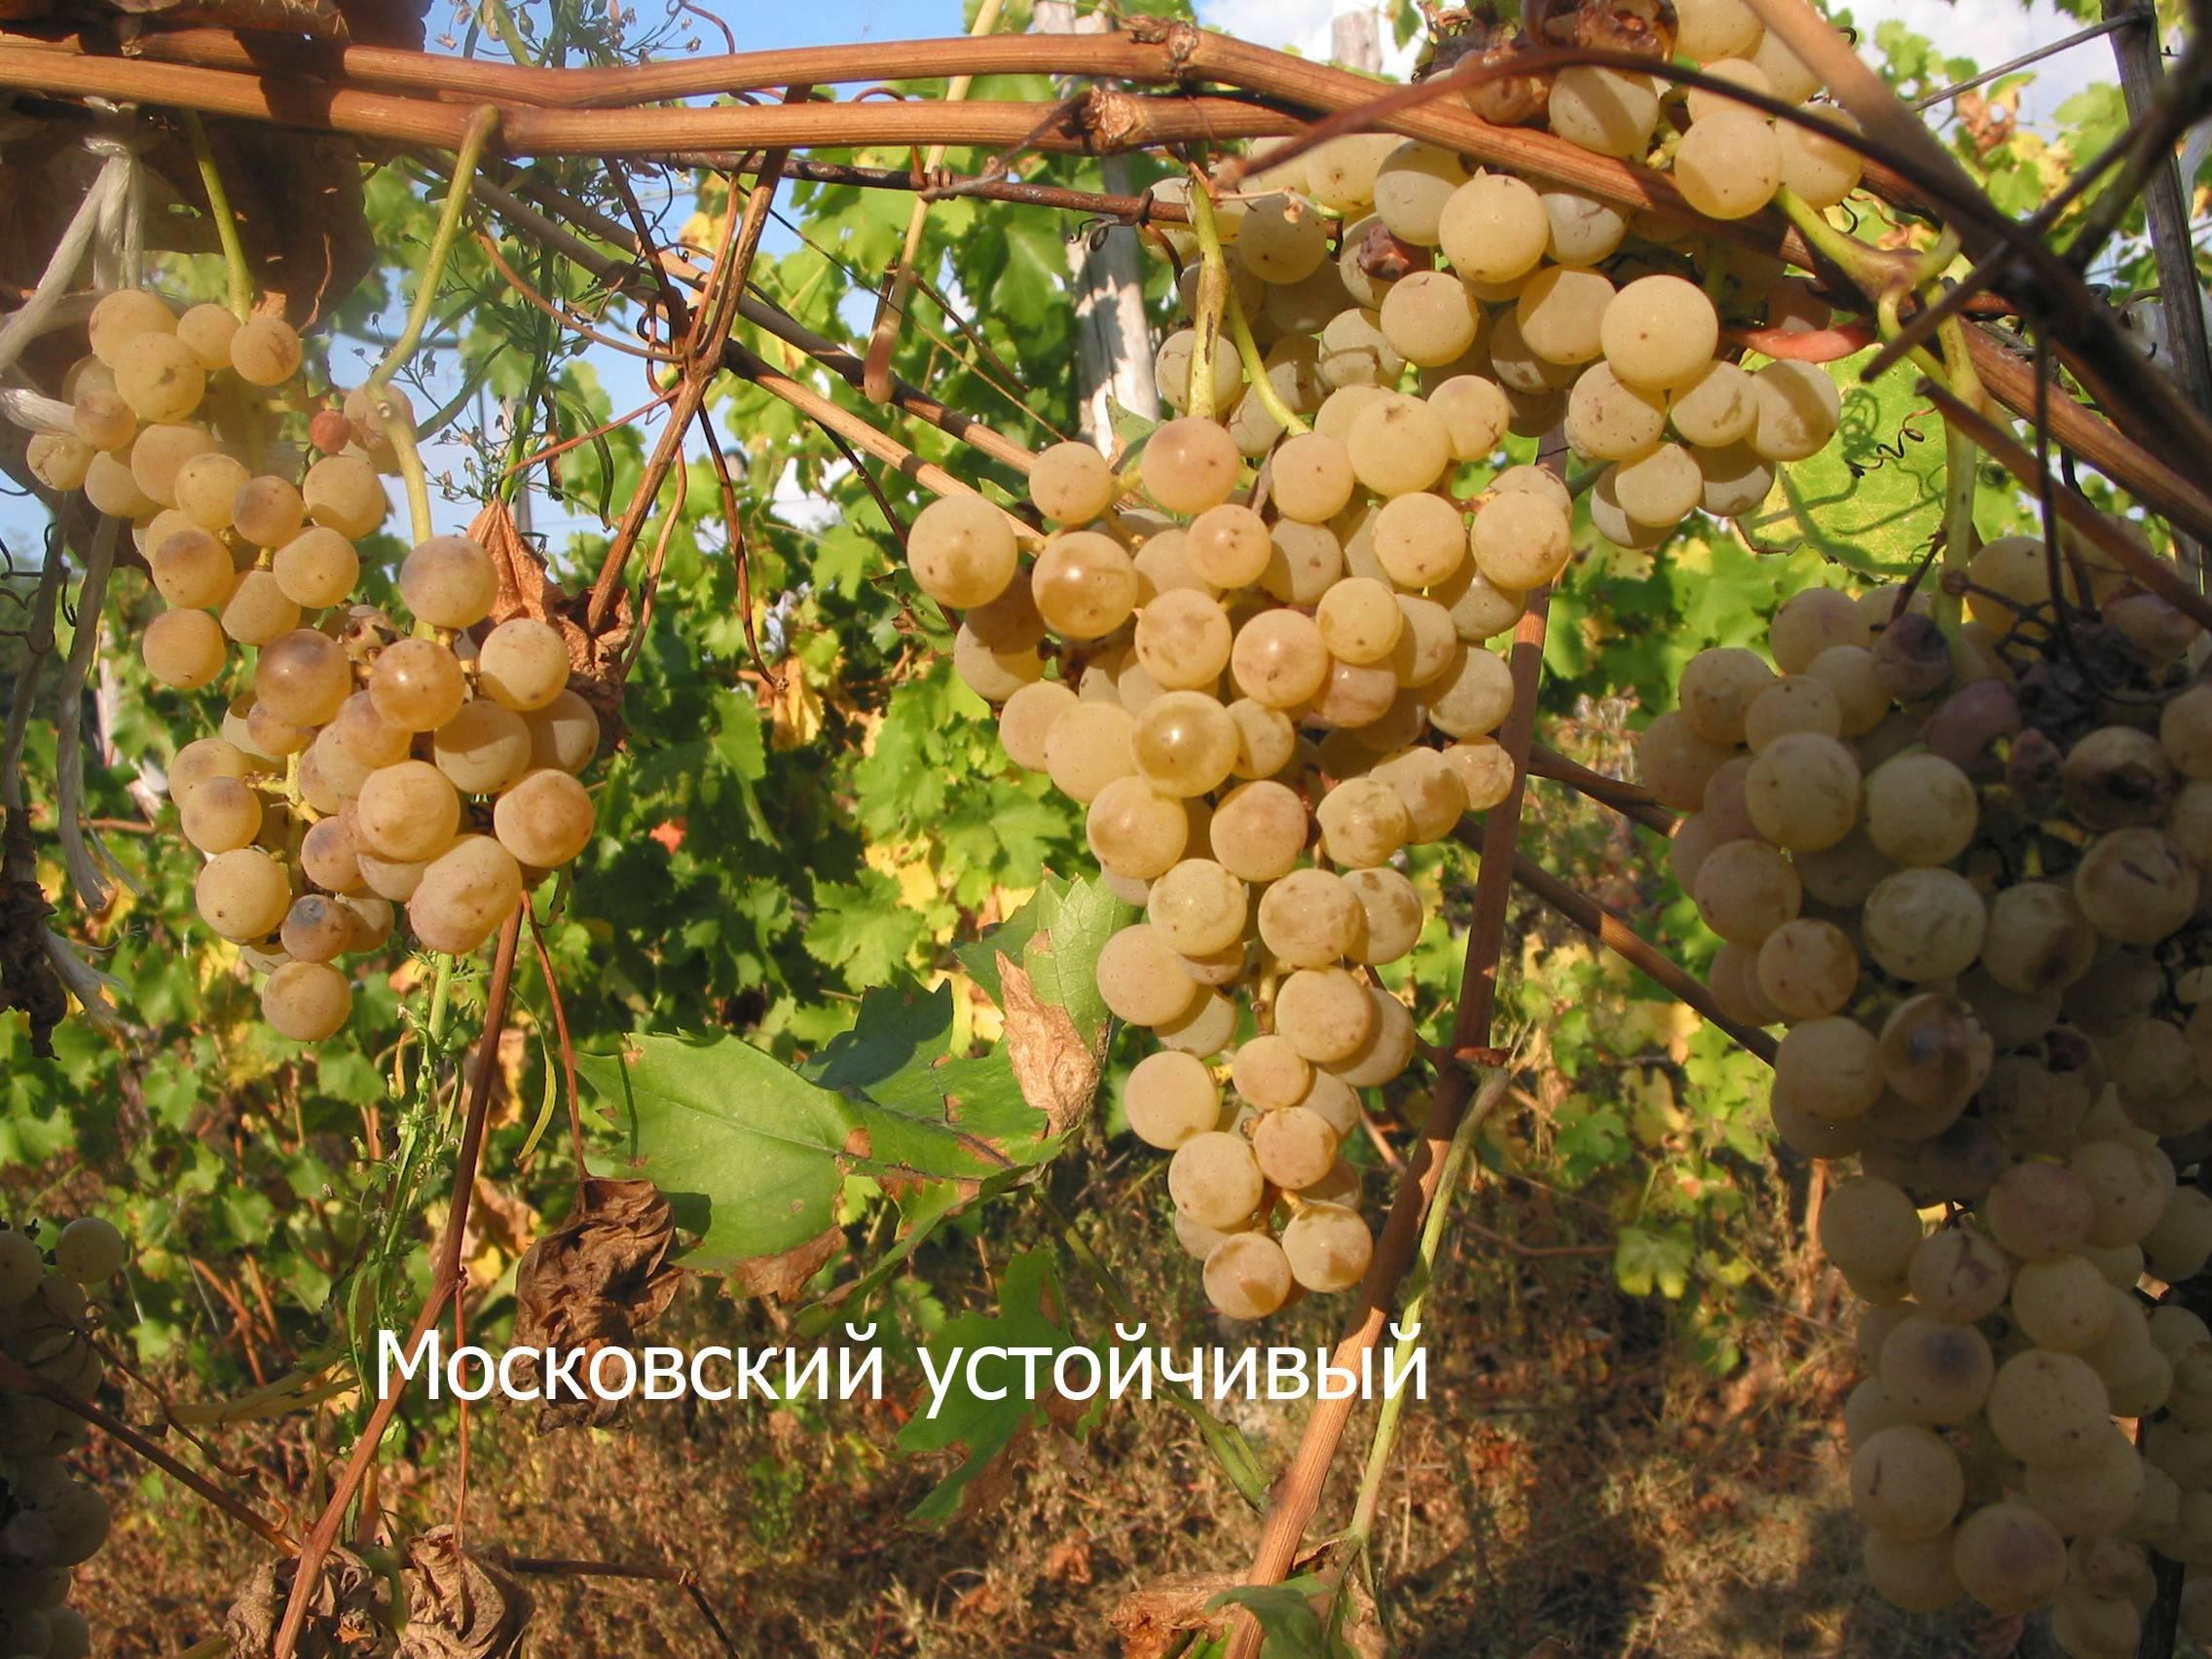 Почему листья винограда светлеют, желтеют и сохнут в период цветения, что делать